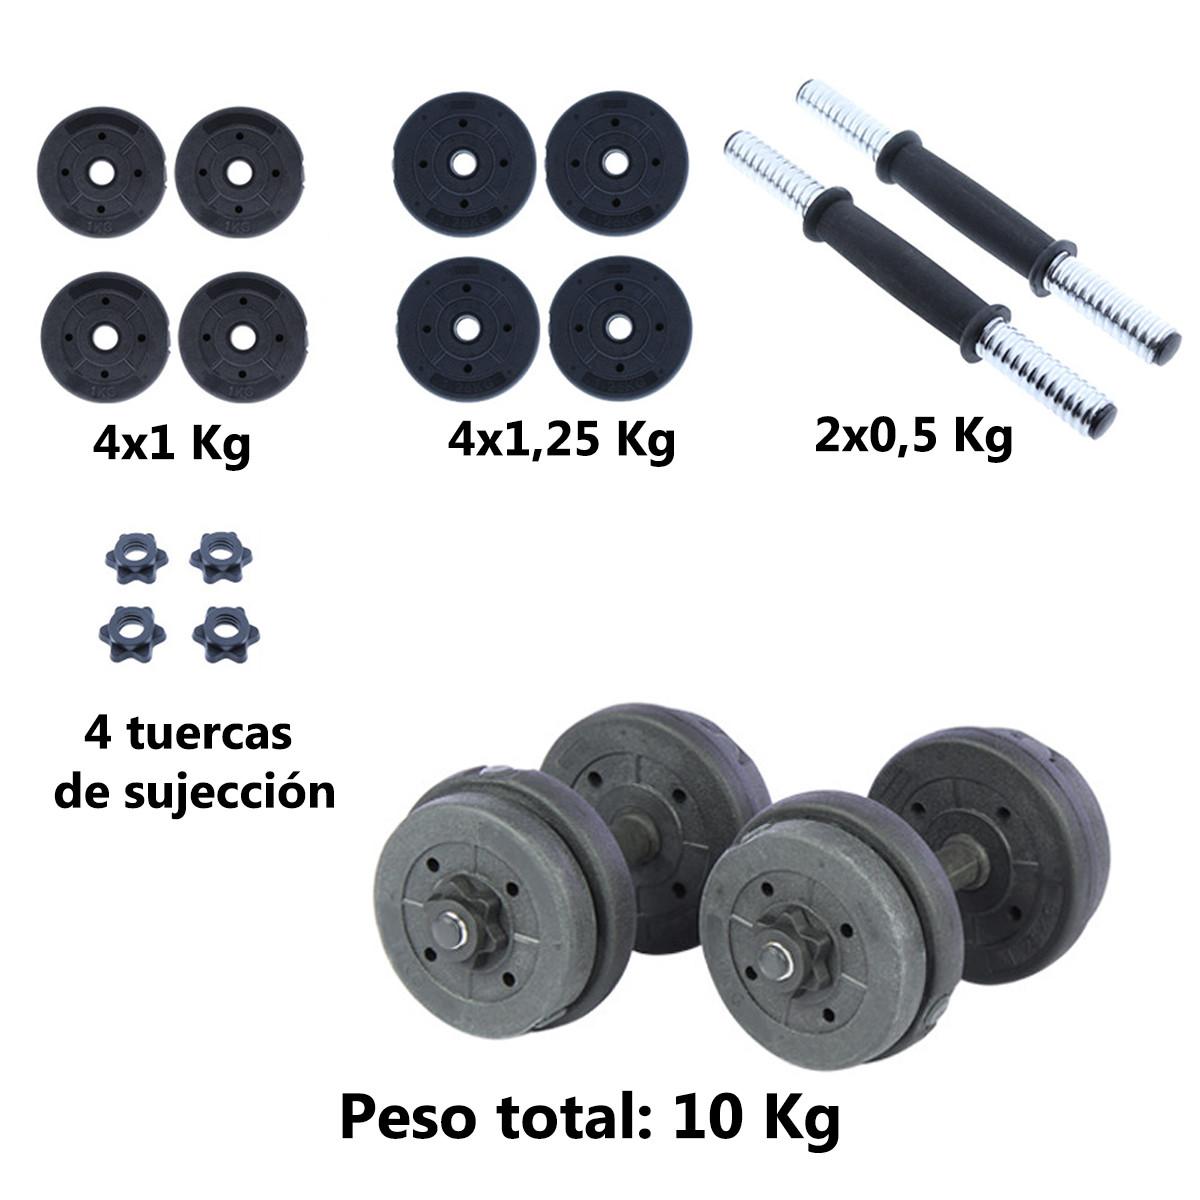 Juego-de-mancuernas-ajustables-con-discos-varios-pesos-Risc miniatura 3